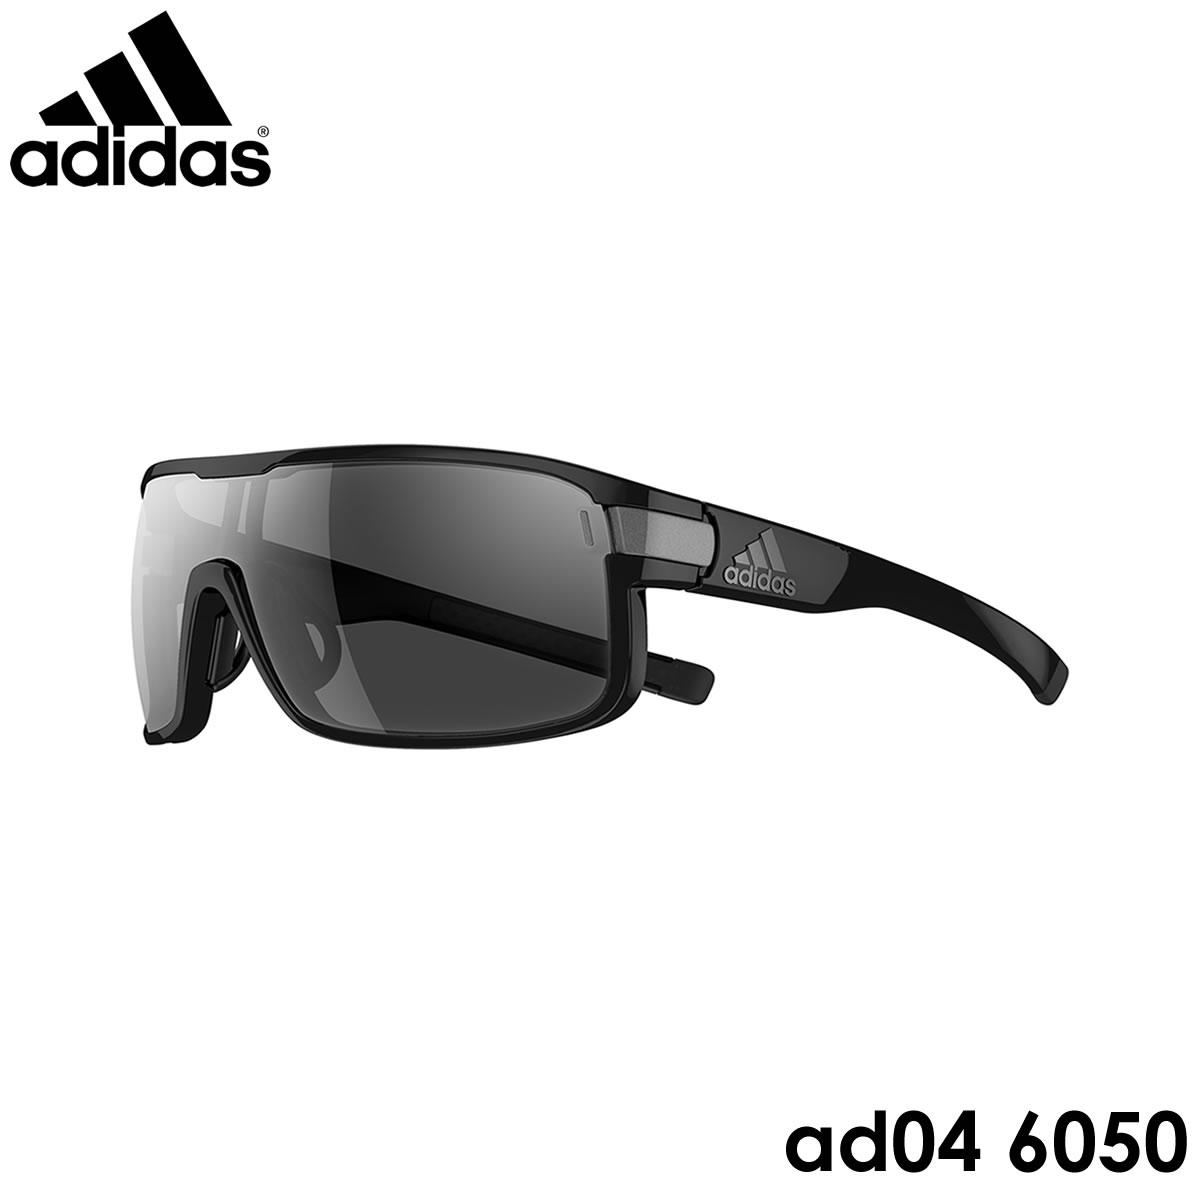 【10月30日からエントリーで全品ポイント20倍】アディダス adidas サングラスad04 6050ZONYK Sサイズ ゾニック スポーツサングラス アウトドア ポイント10倍アディダス adidas メンズ レディース